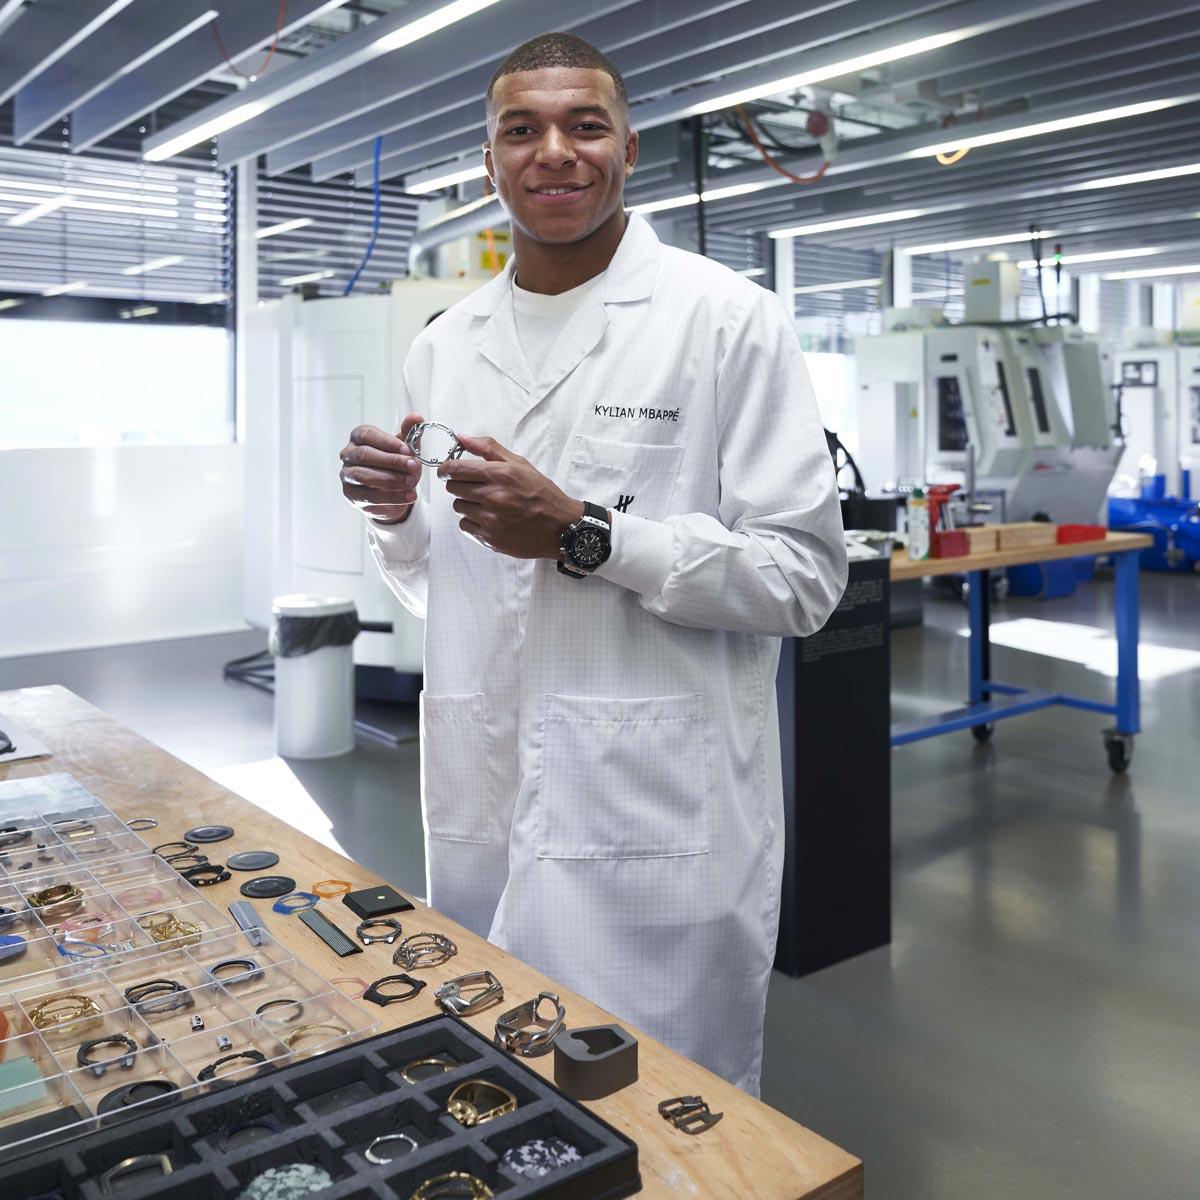 La Cote des Montres : Photo - Kylian Mbappé en visite à la manufacture Hublot